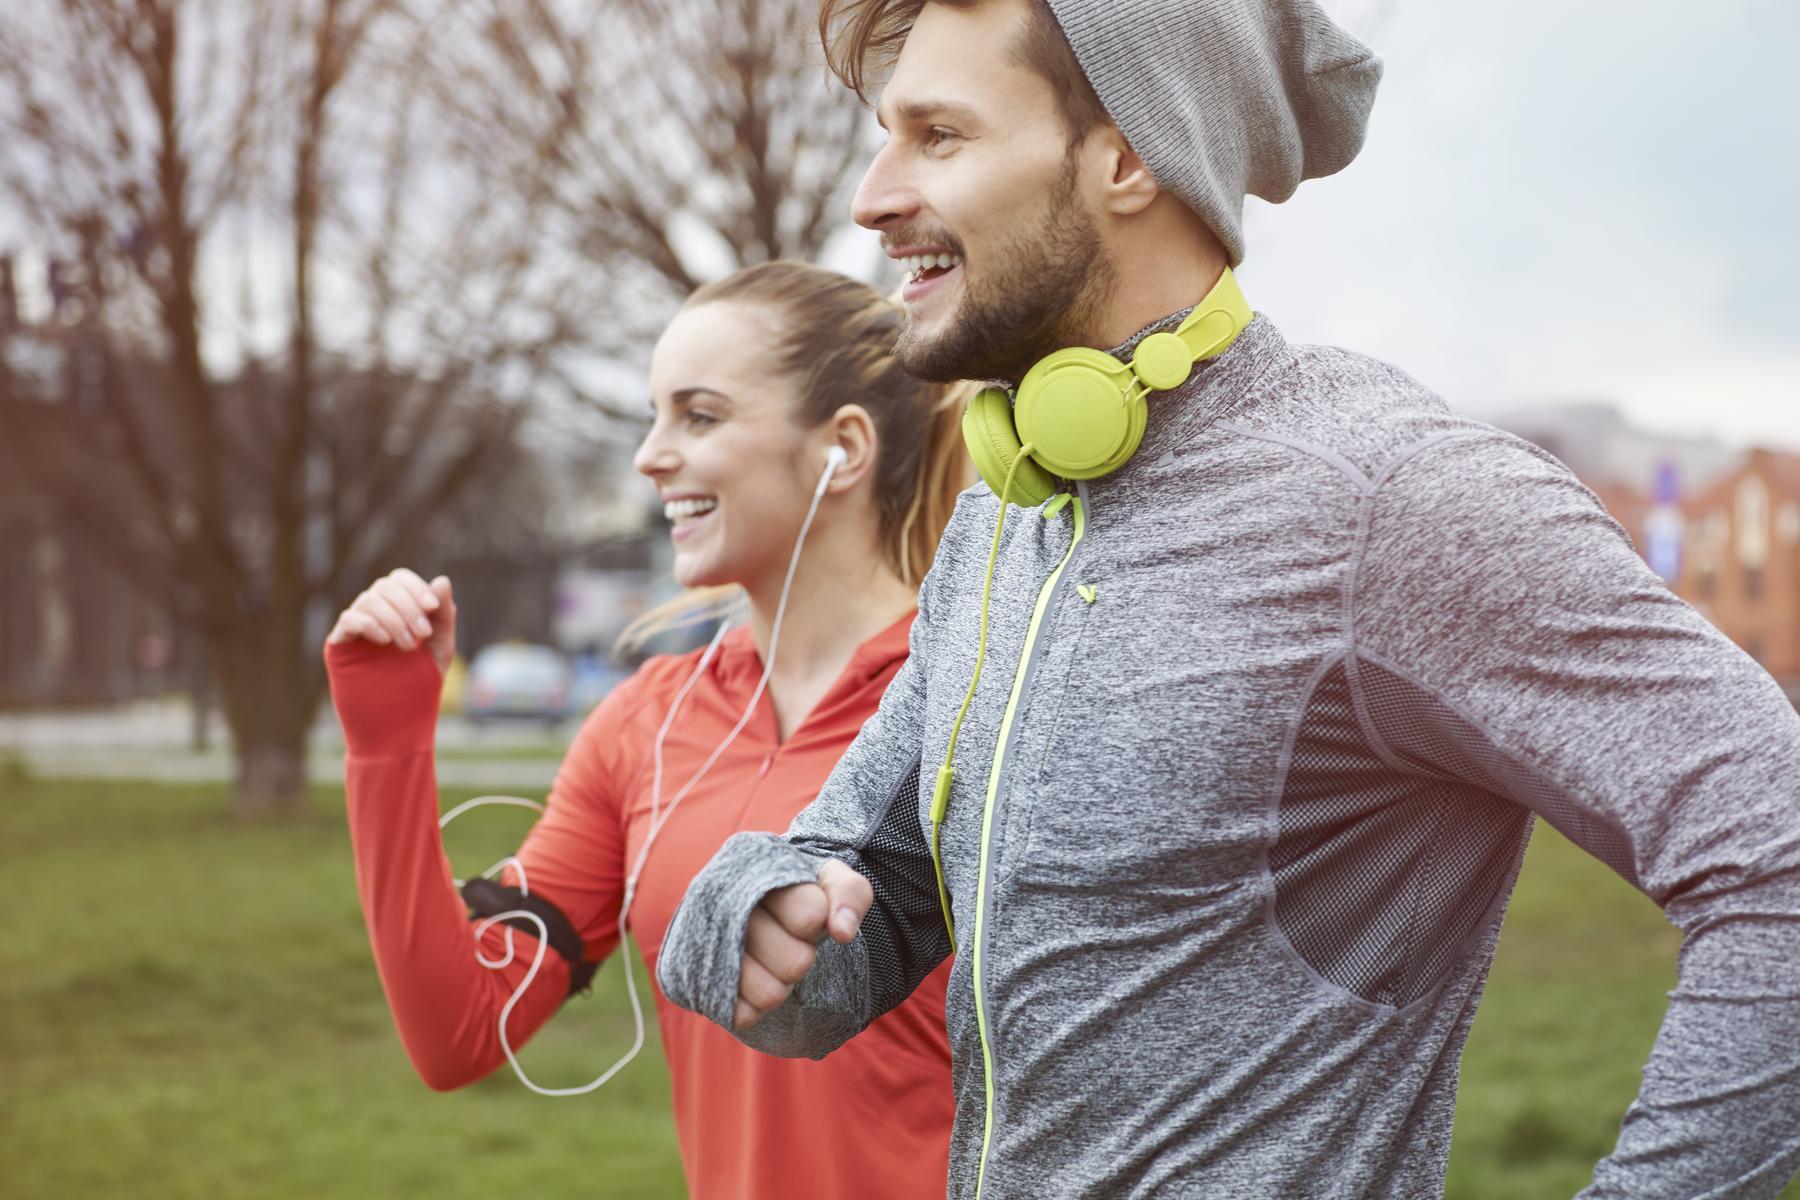 Эндорфины и тренировки | Подтянутое тело и хорошее настроение